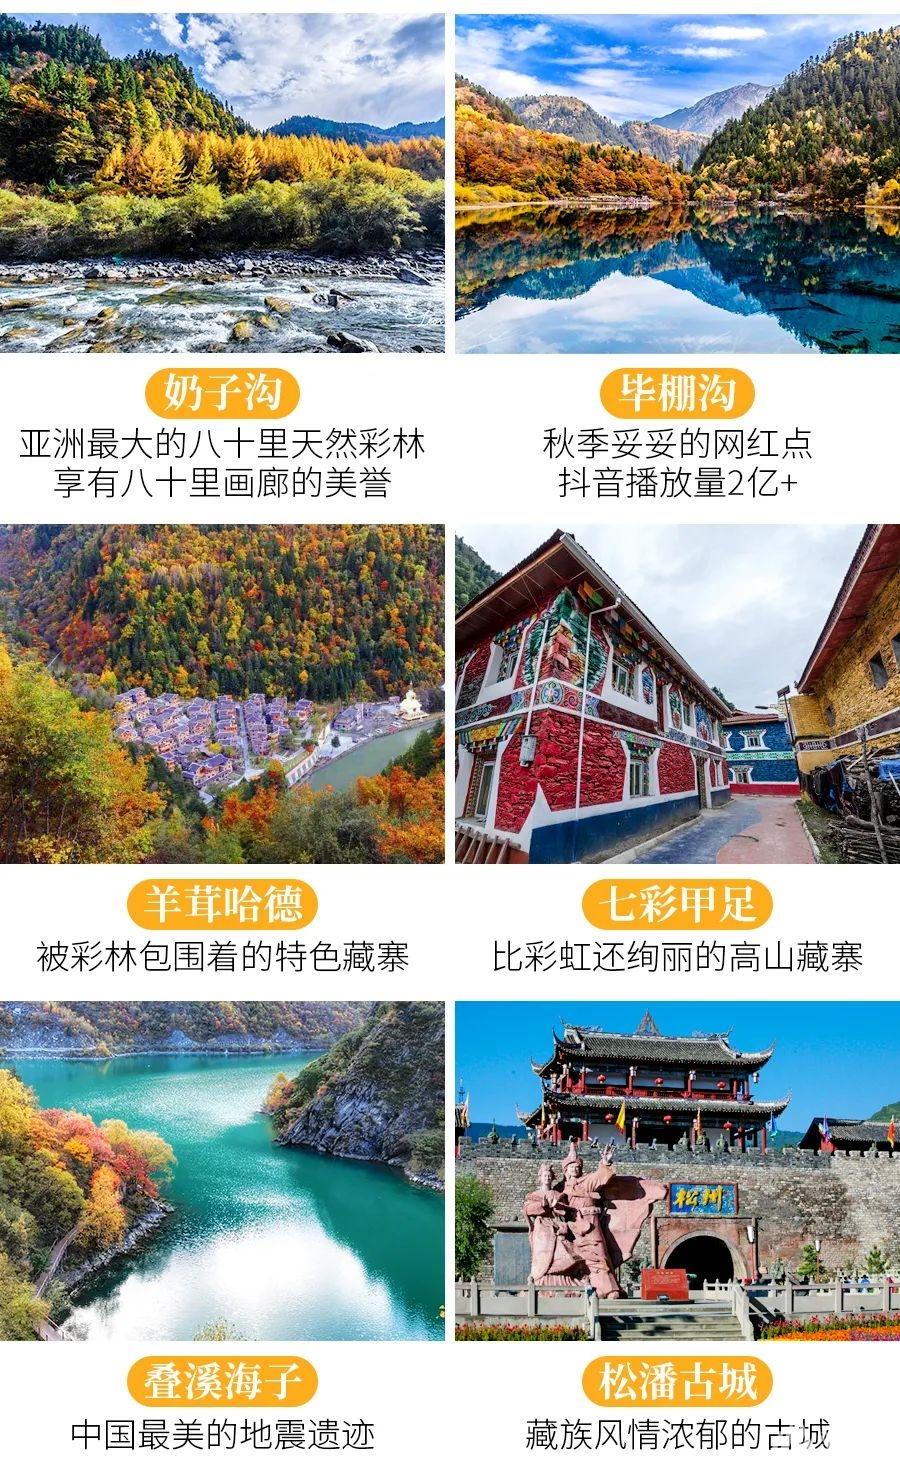 (3)【大美九寨·6日】川西北彩林盛宴 · 驻地旅拍 · 摄影师免费为您拍美片-户外活动图-驼铃网